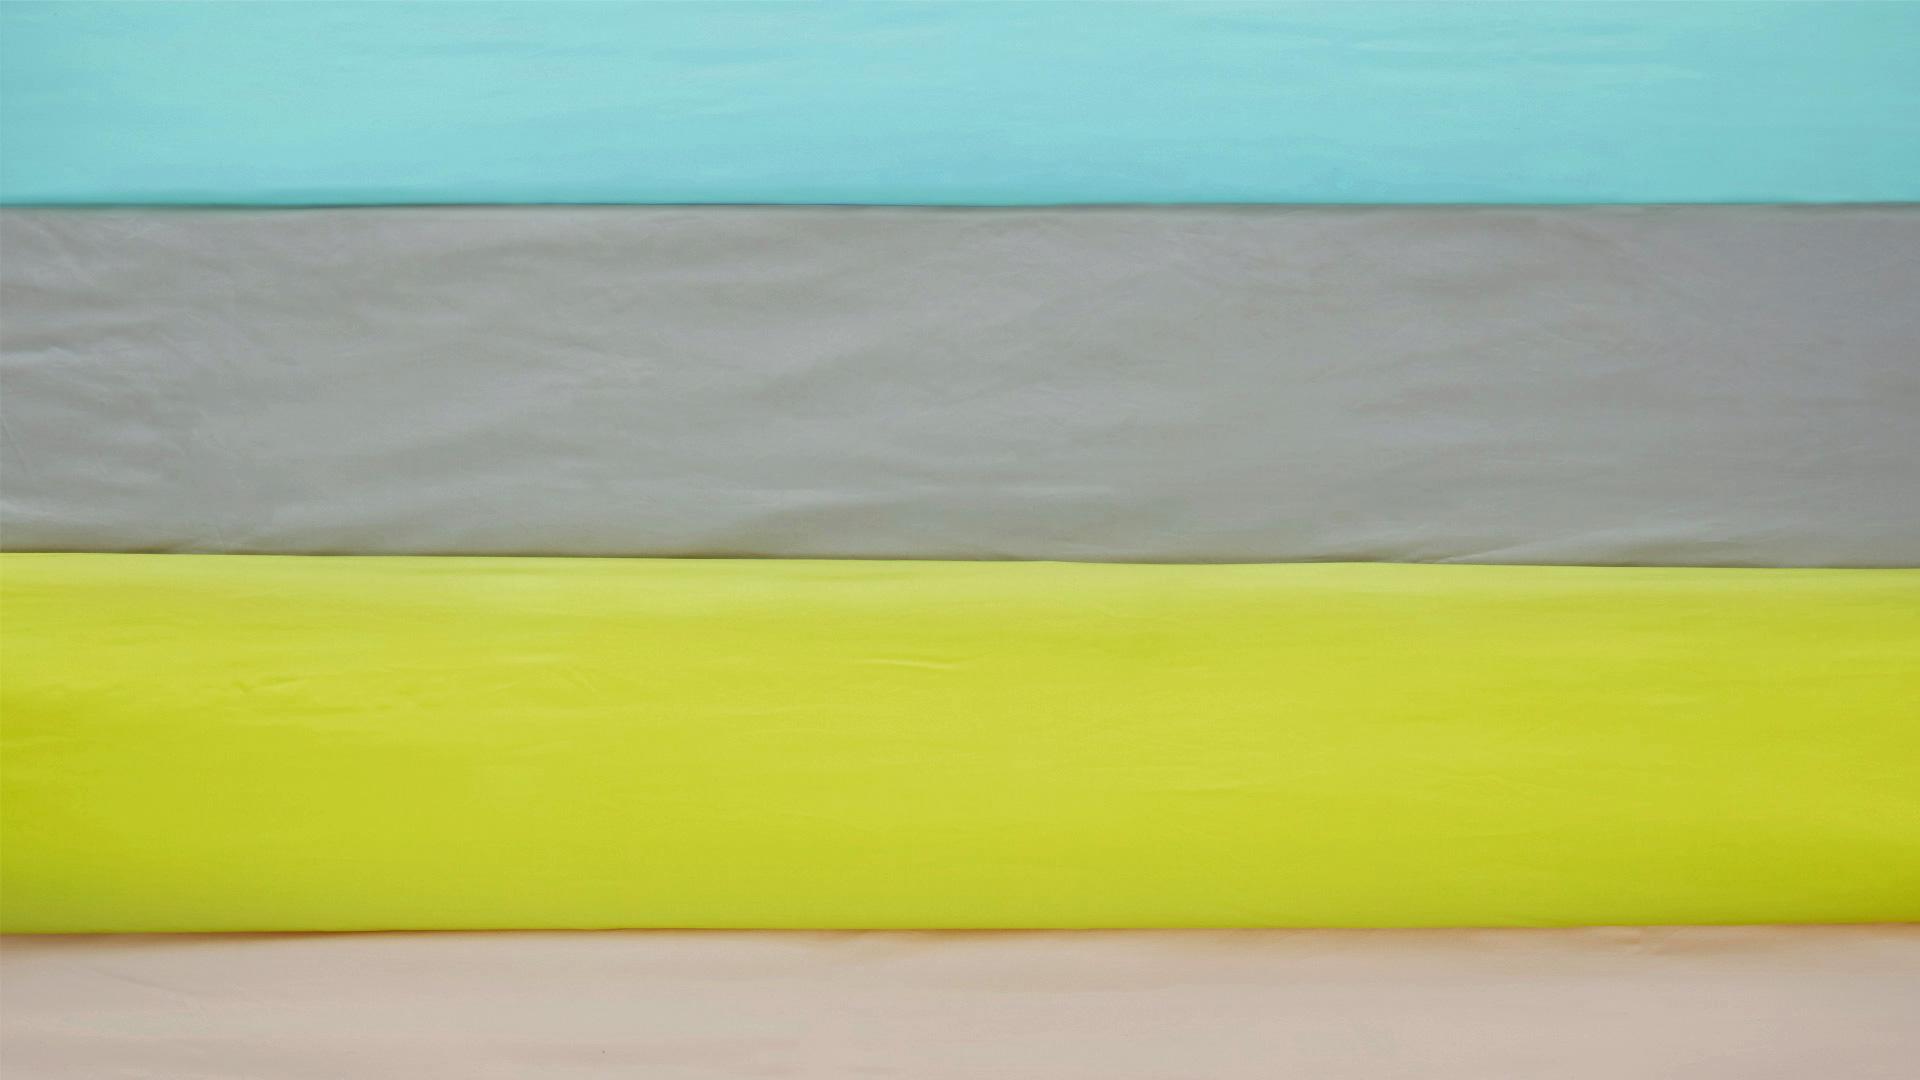 床品如何看颜值?浮夸艳俗必然不是美貌,睡觉时,我们需要的是柔和干净,有眠杜绝繁复沉闷的图案和刺眼的人造色,纯色系列,从源于生活场景实物的NCS色彩体系中筛选,用姜黄、水蓝、藕粉、青灰四种纯净自然色,给睡眠一个轻盈的氛围。